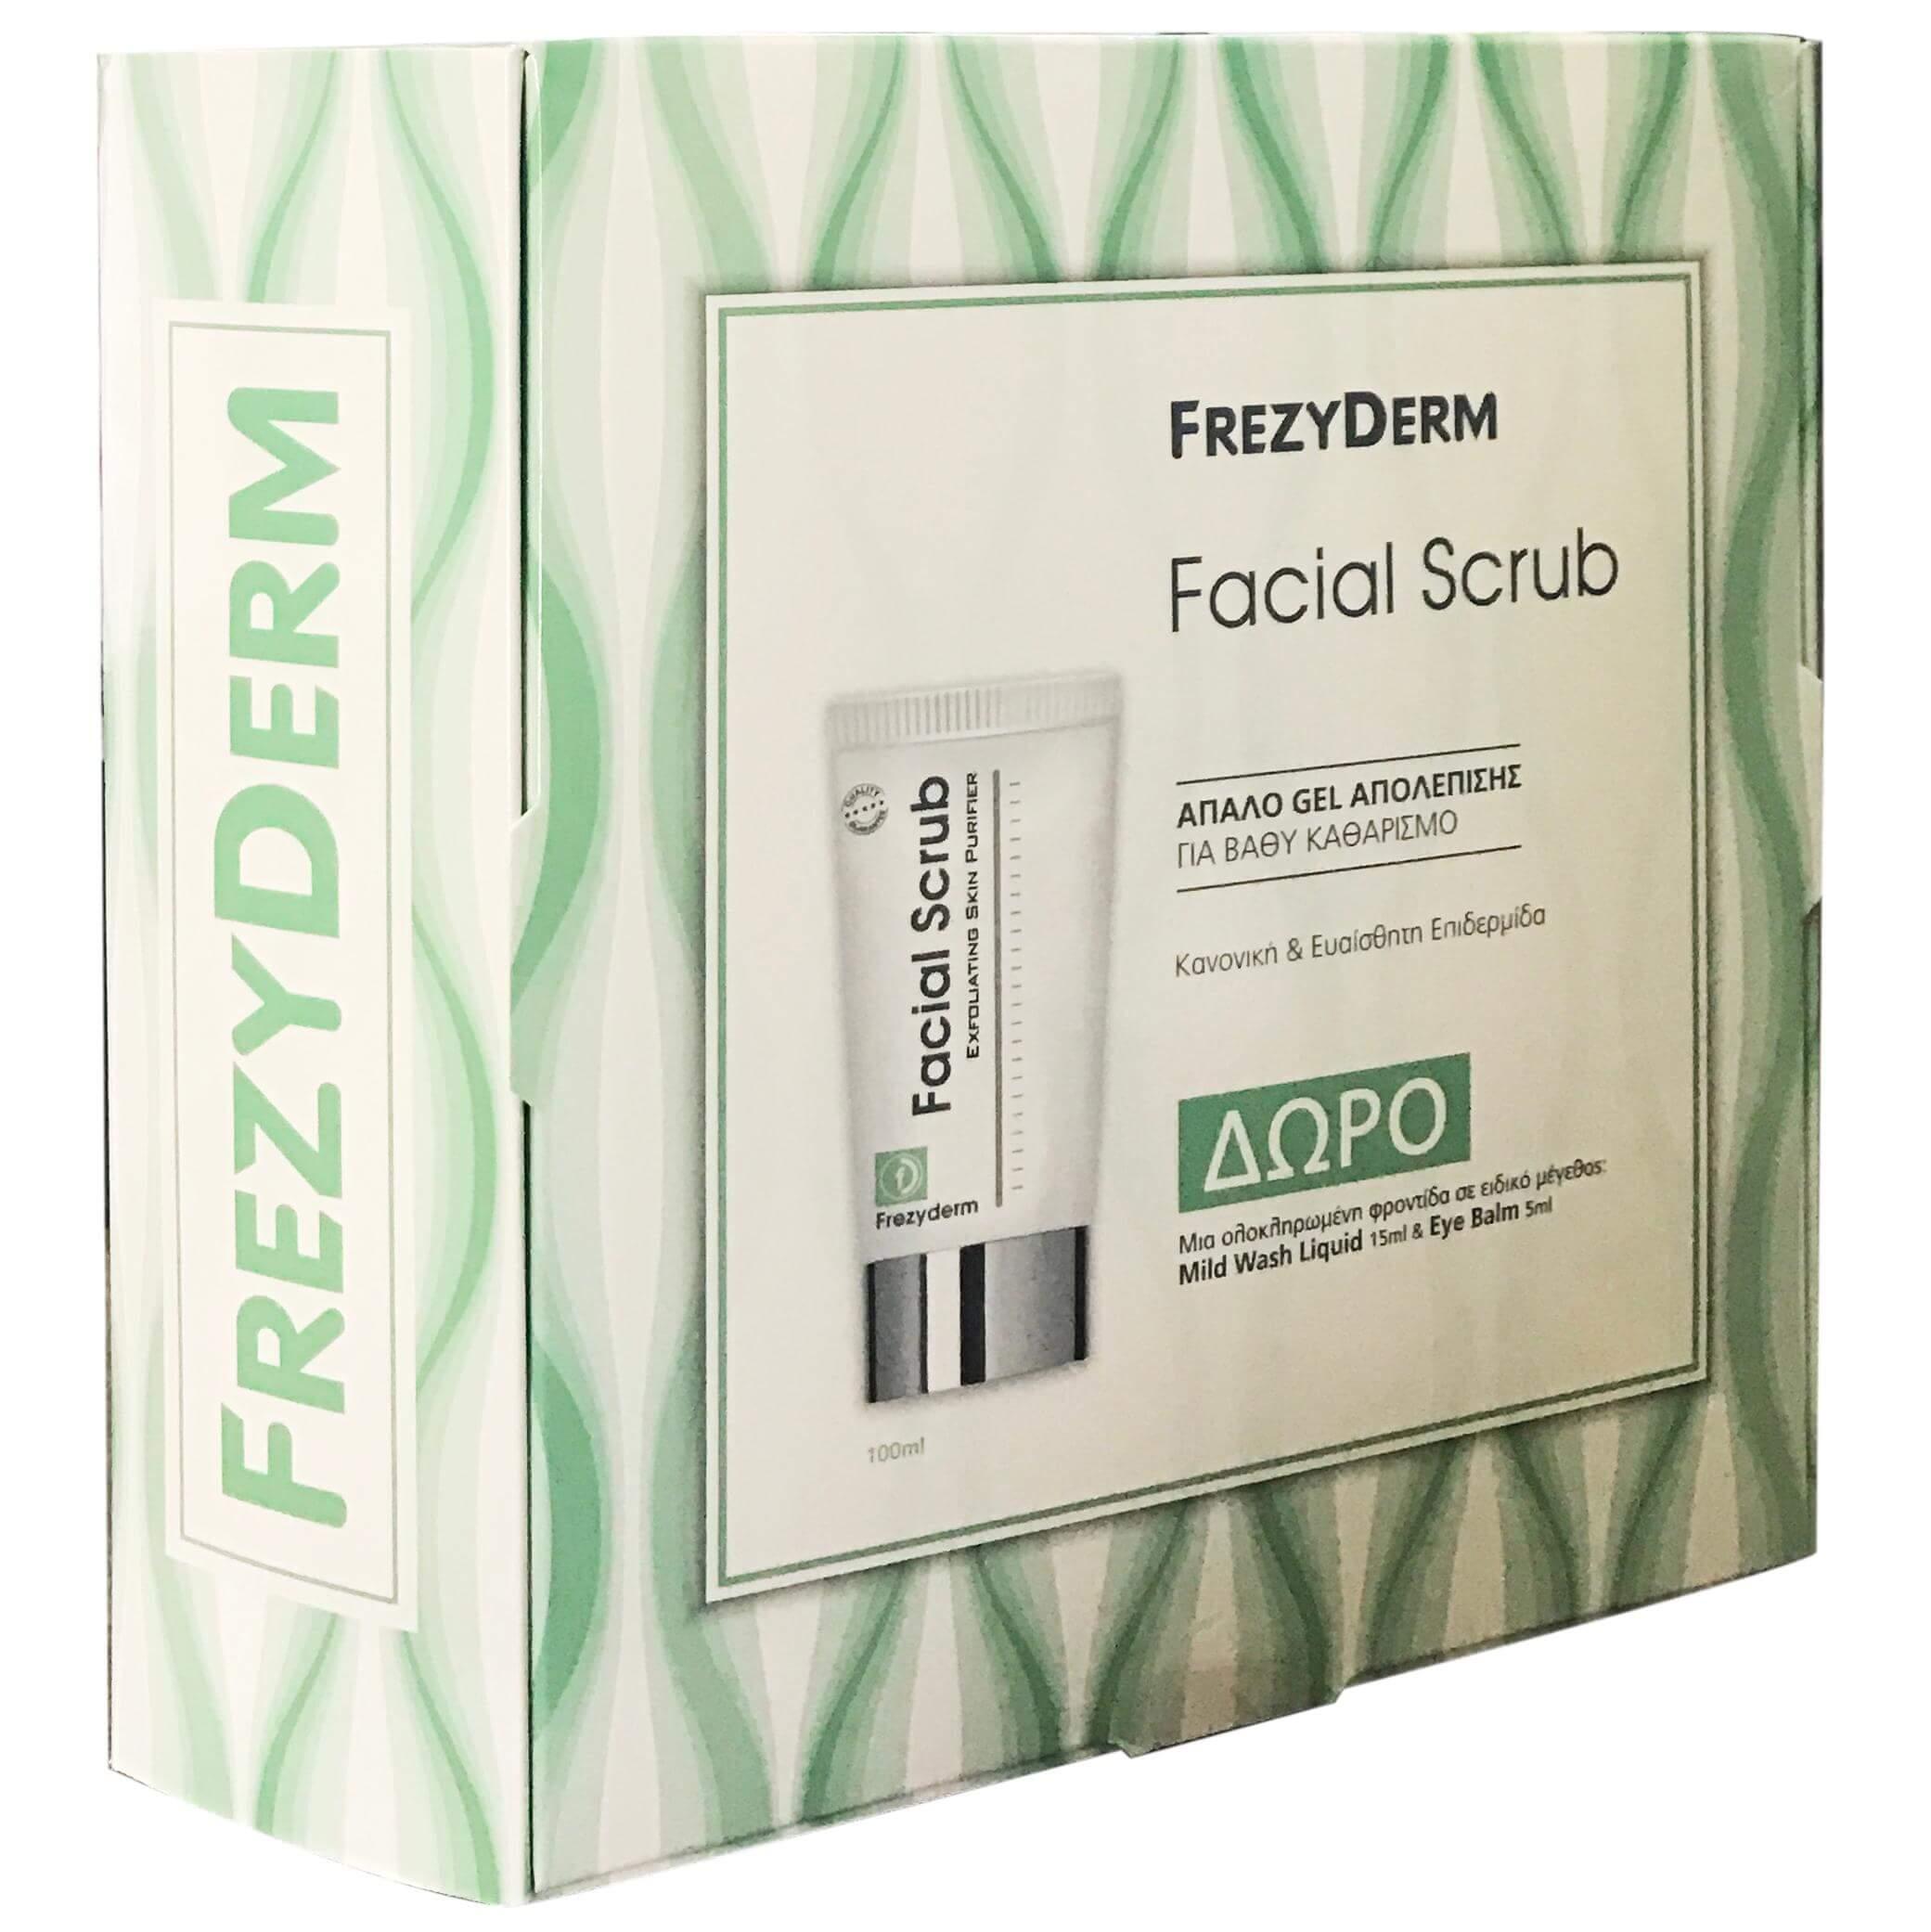 Frezyderm Πακέτο Προσφοράς Facial Scrub Gel Απολέπισης Προσώπου 100ml & Δώρο Mild Wash Liquid 15ml & Eye Balm 5ml